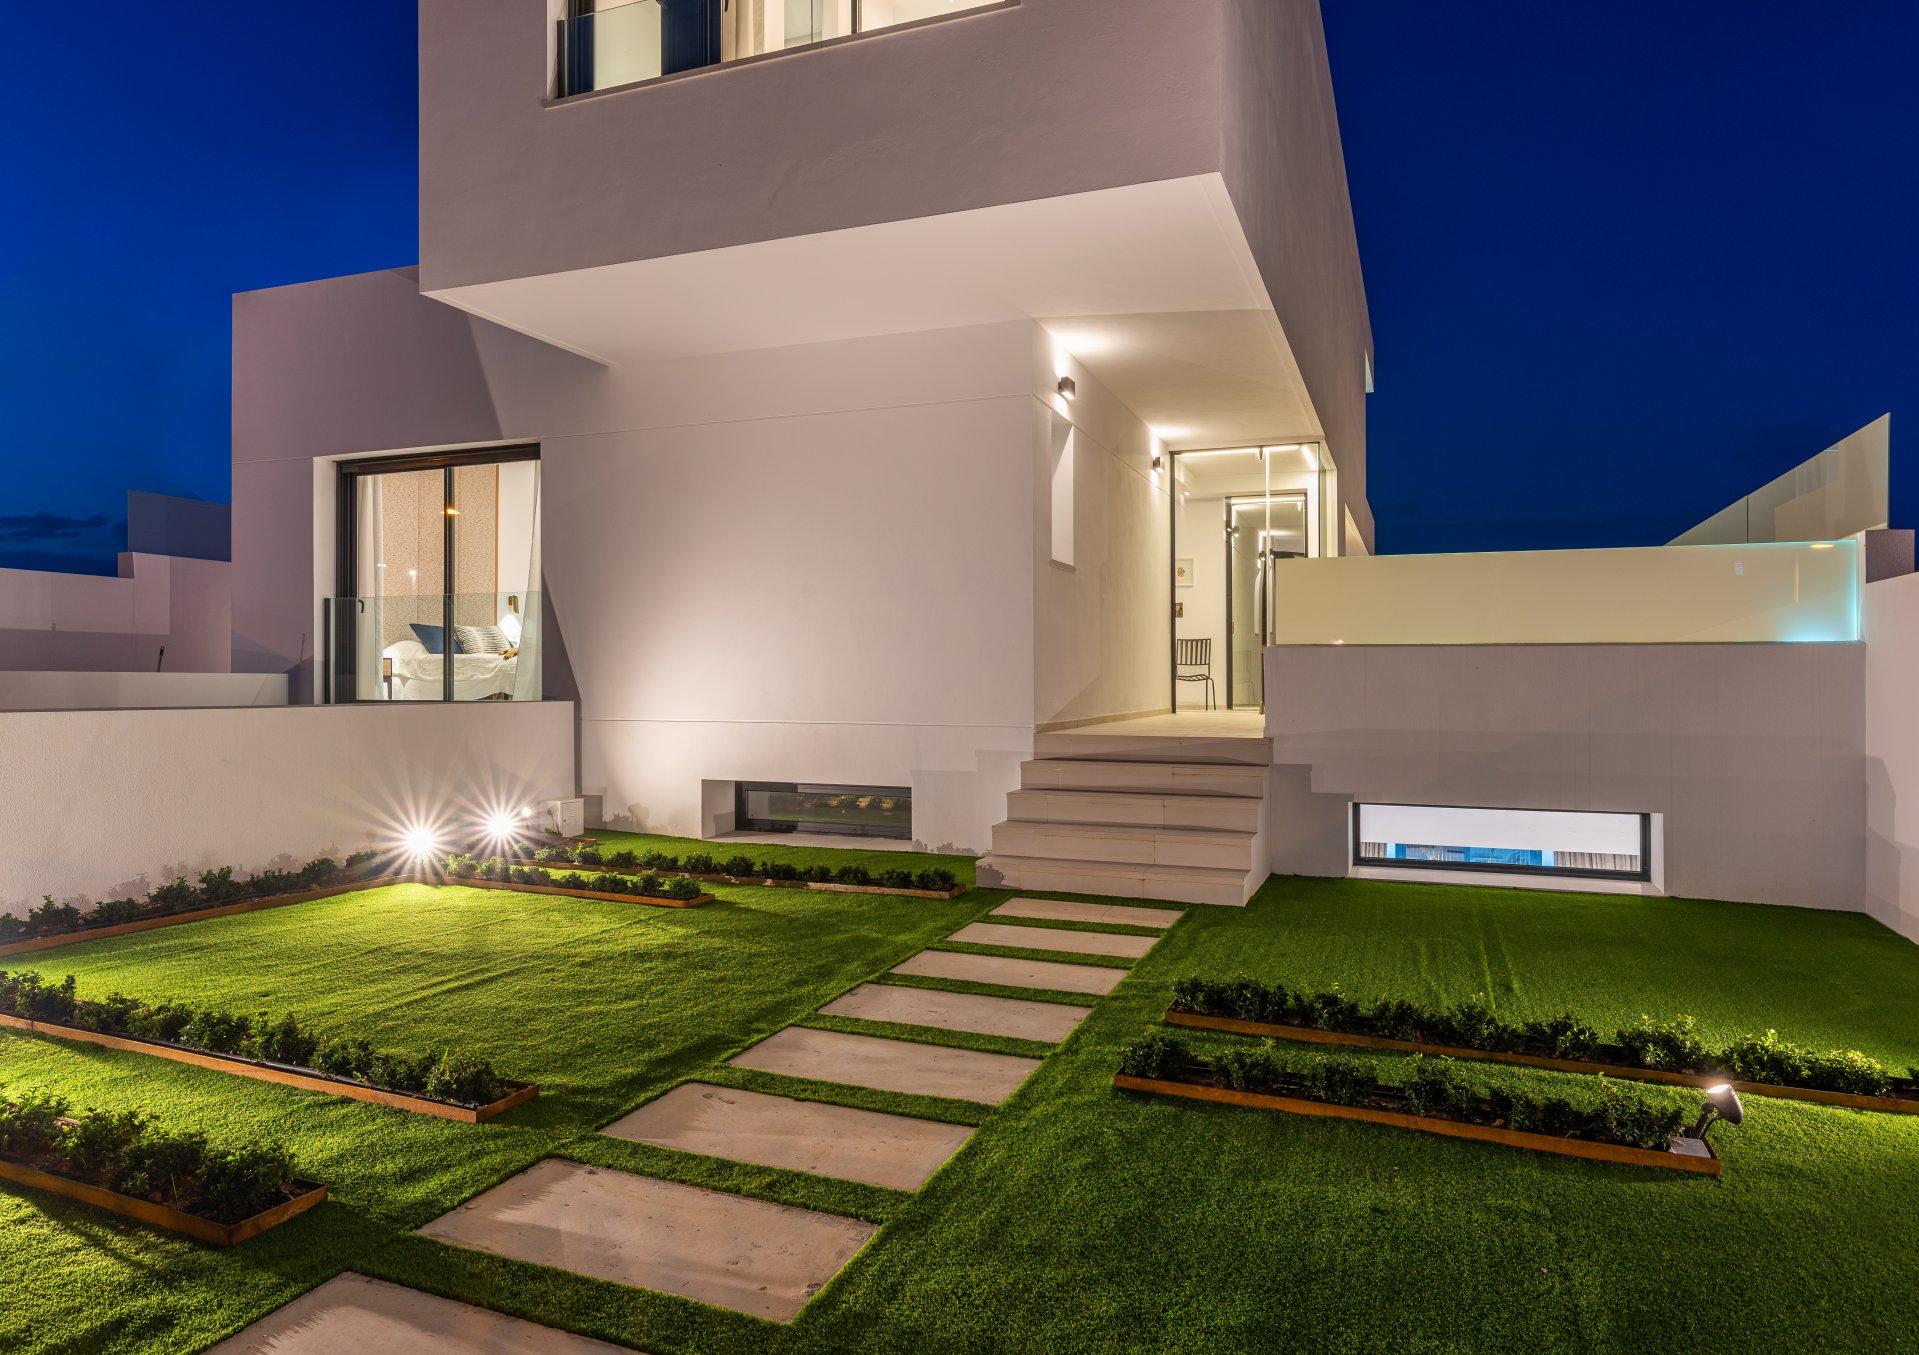 Nouveau résidentiel avec des propriétés uniques à Polop